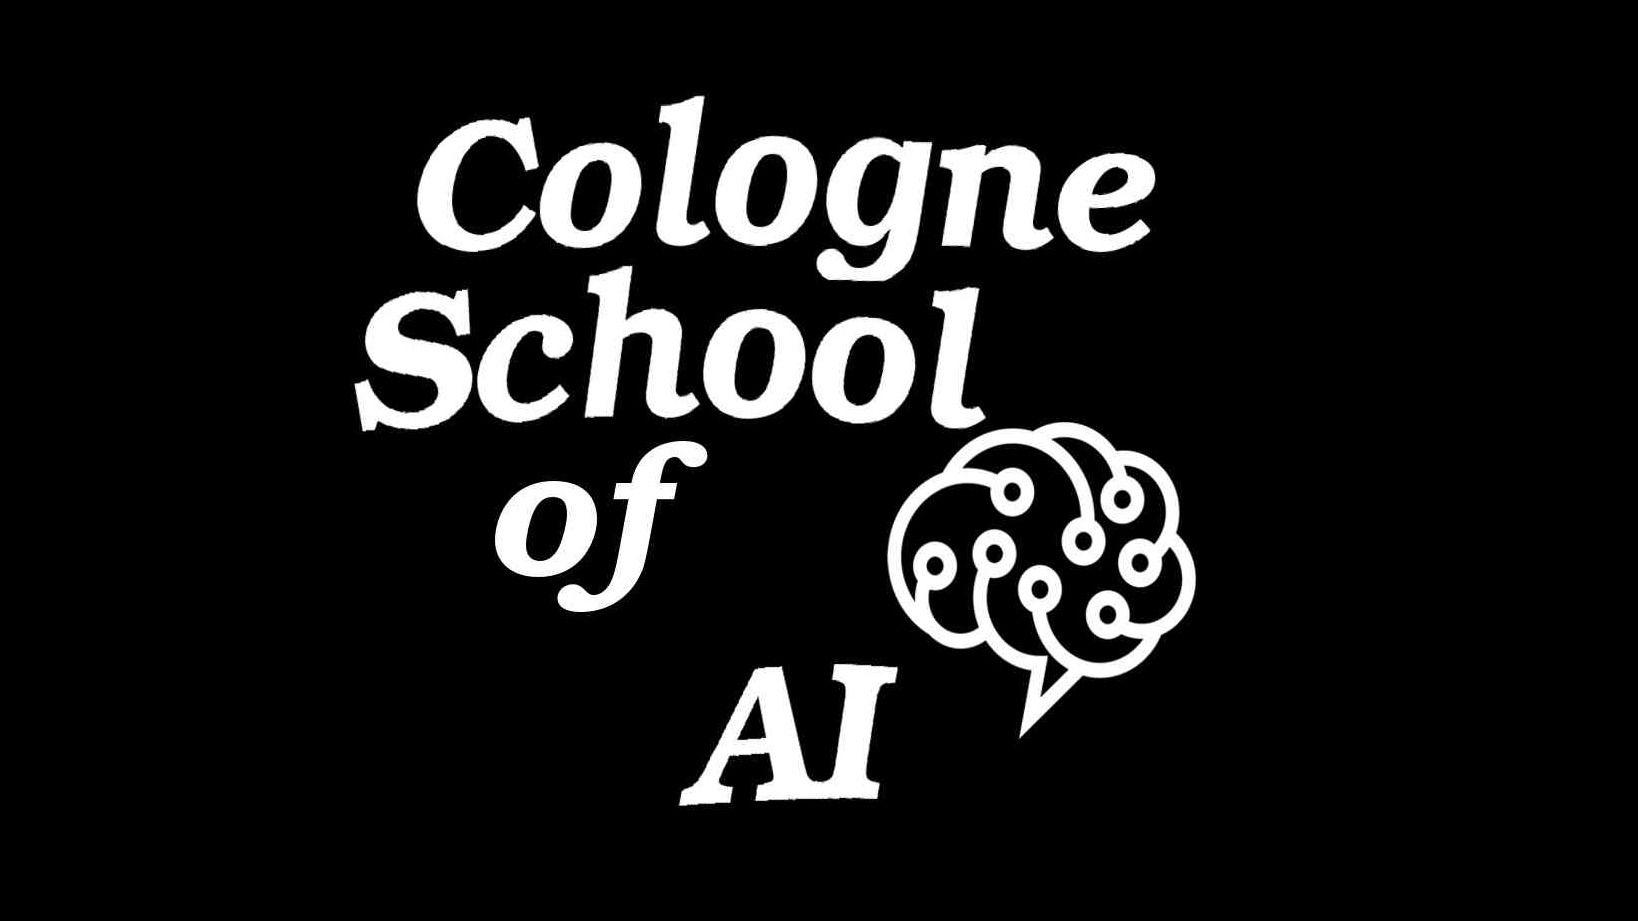 Cologne School of AI